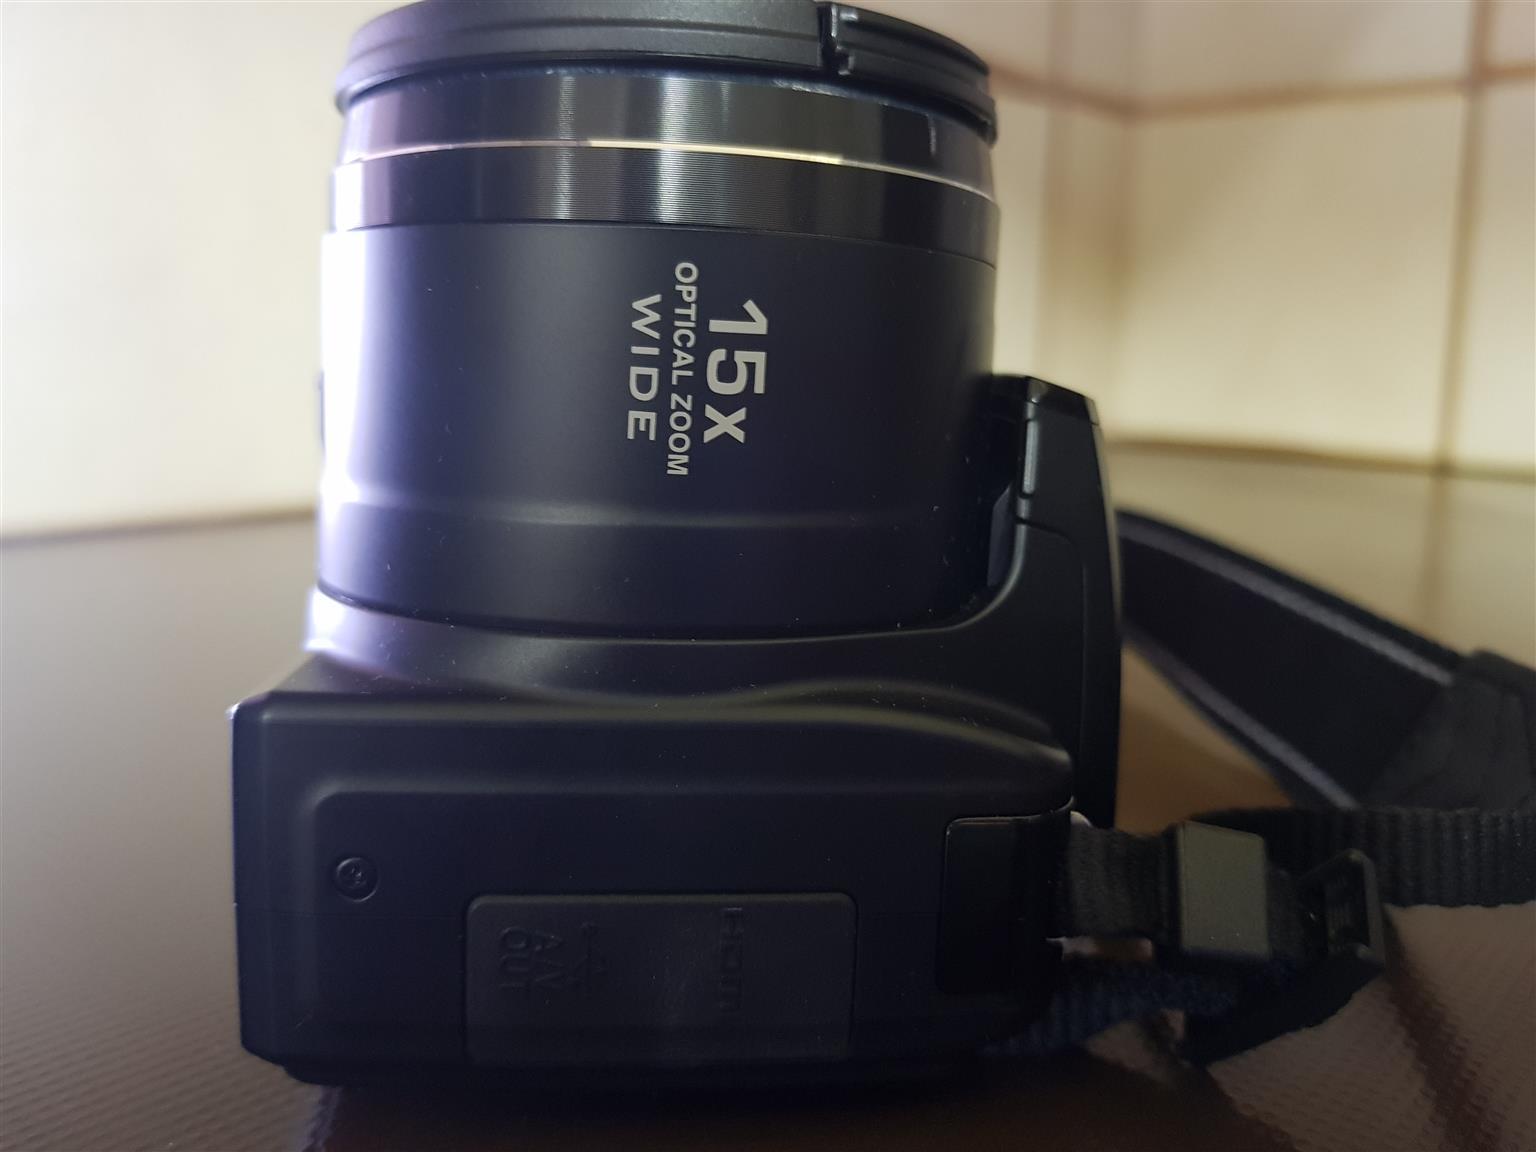 Nikon Camera Coolpix L110